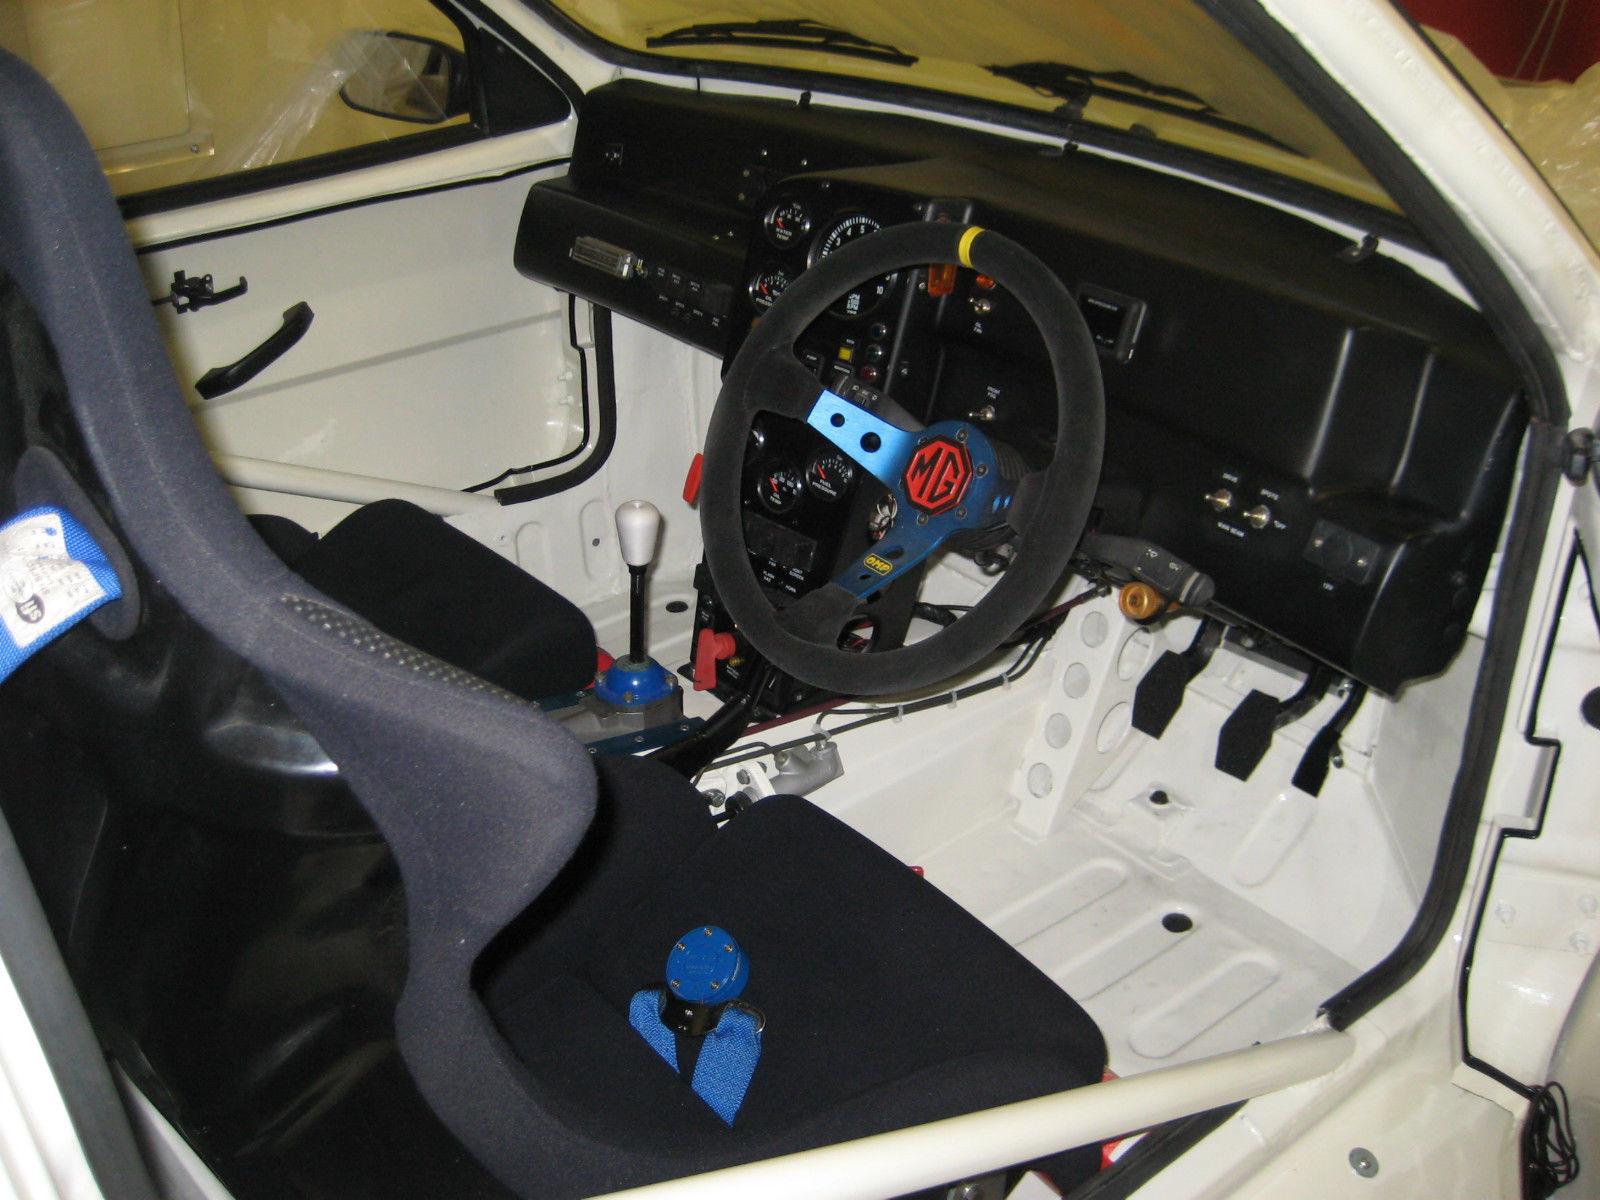 ¿Quieres el MG Metro 6R4 de Colin McRae? Prepara más de 400.000 euros... 2